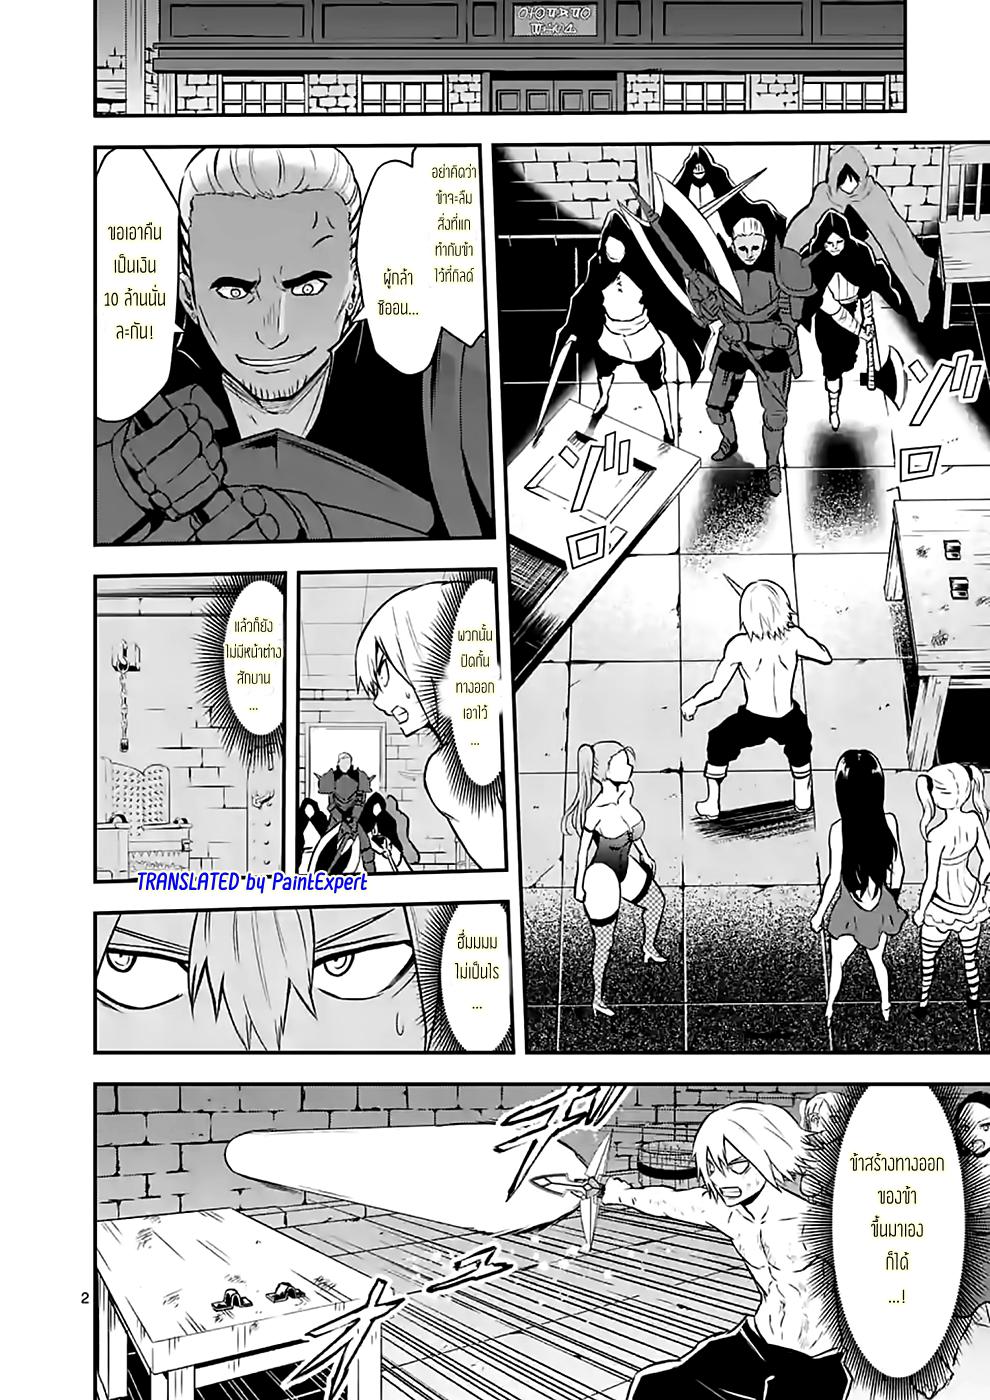 อ่านการ์ตูน Yuusha ga Shinda! ตอนที่ 90 หน้าที่ 2